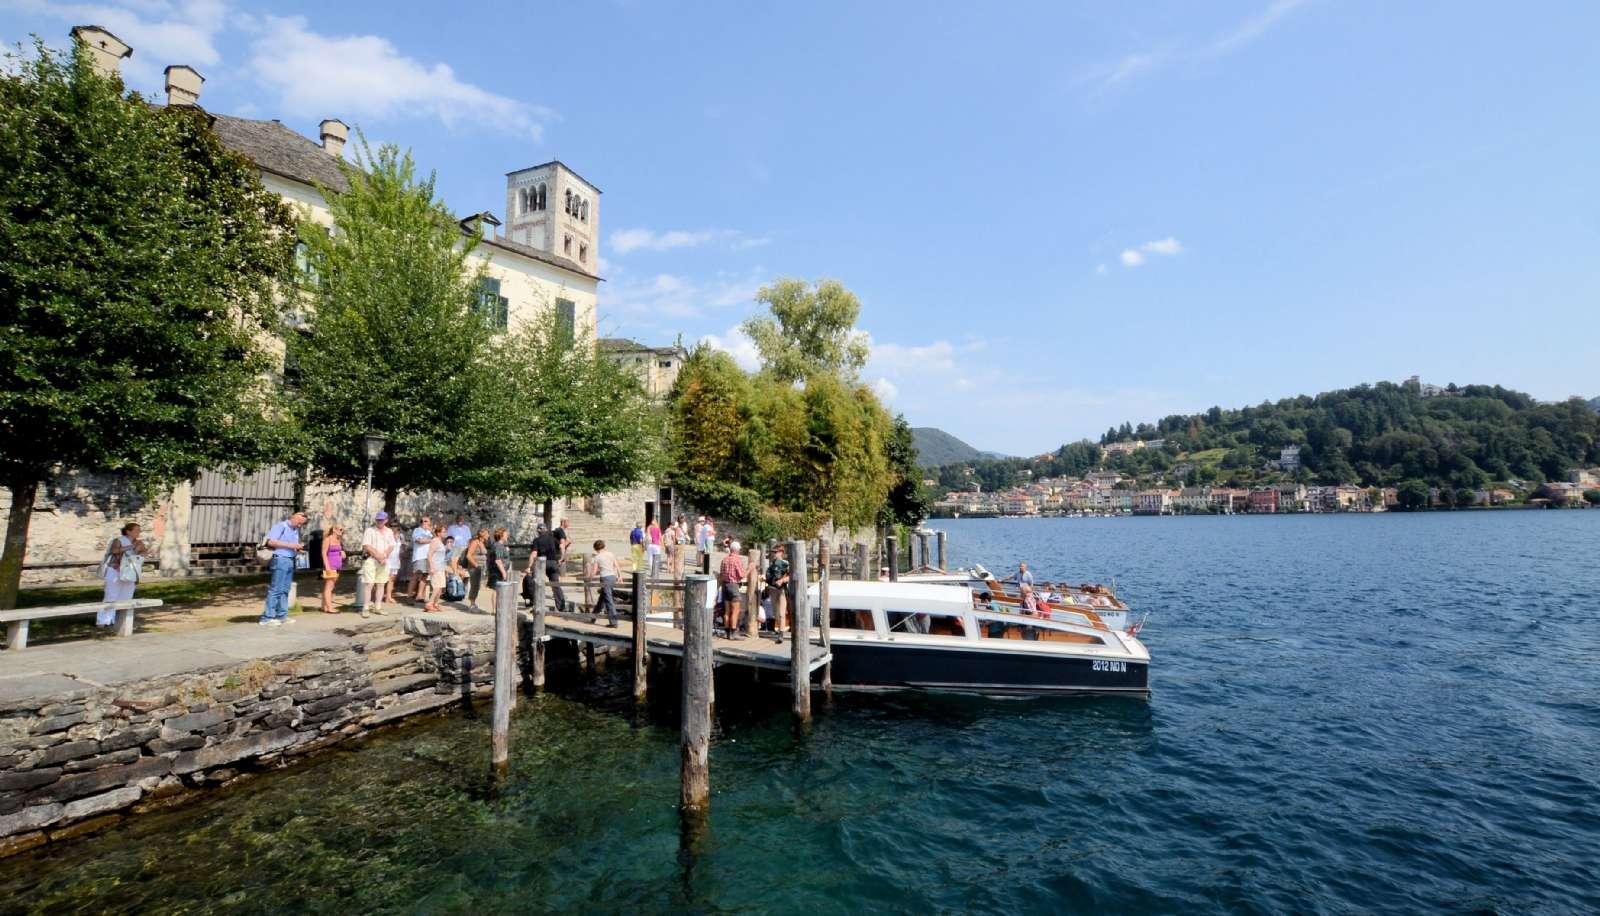 Bådfarten giver gode muligheder for at besøge både øen Isola San Giulio og byerne langs søbredden